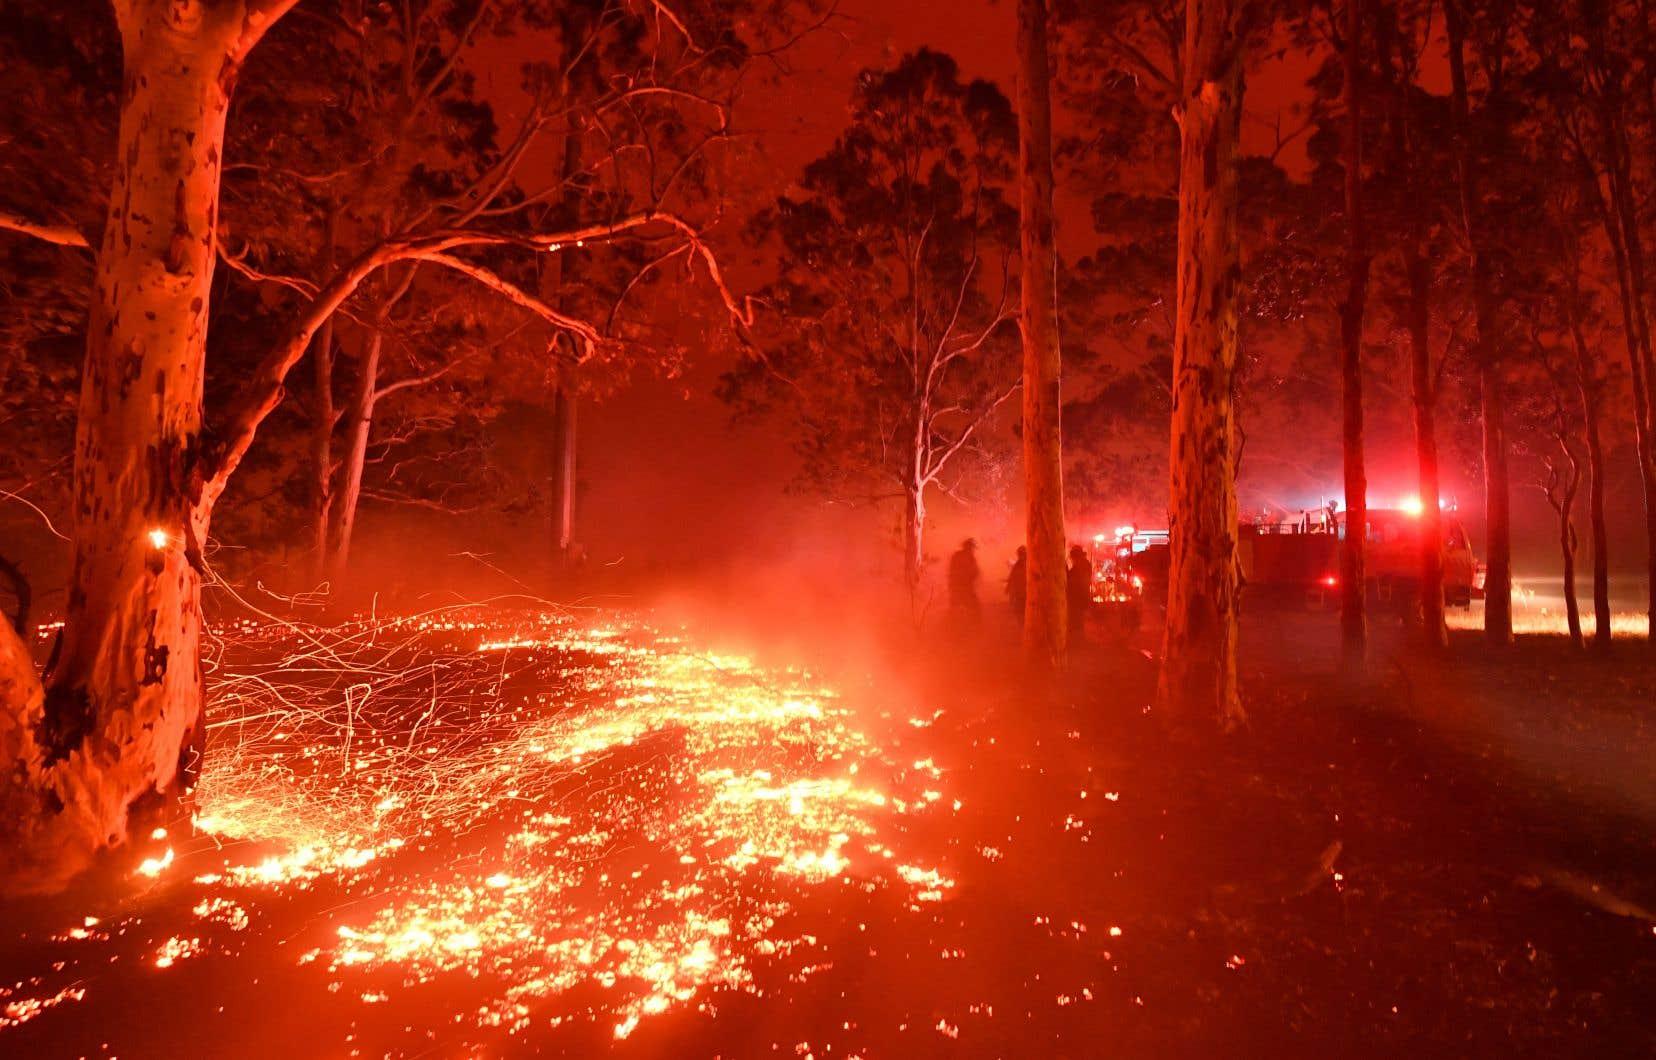 Trois personnes sont mortes en 24 heures et cinq autres sont portées disparues alors que le sud-est du pays est toujours ravagé par des feux incontrôlables.